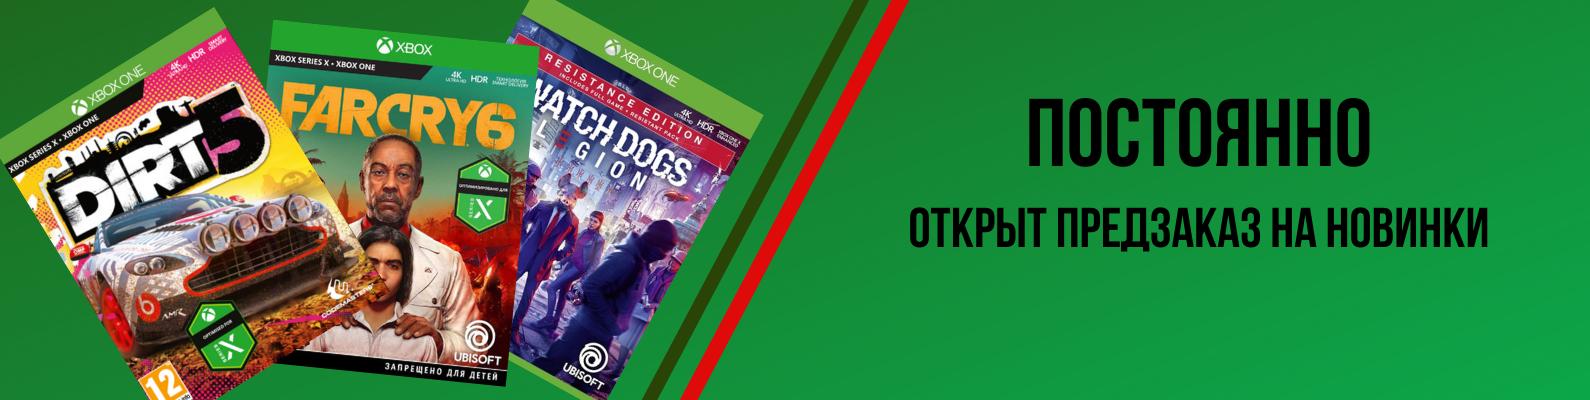 Xbox: Предзаказ